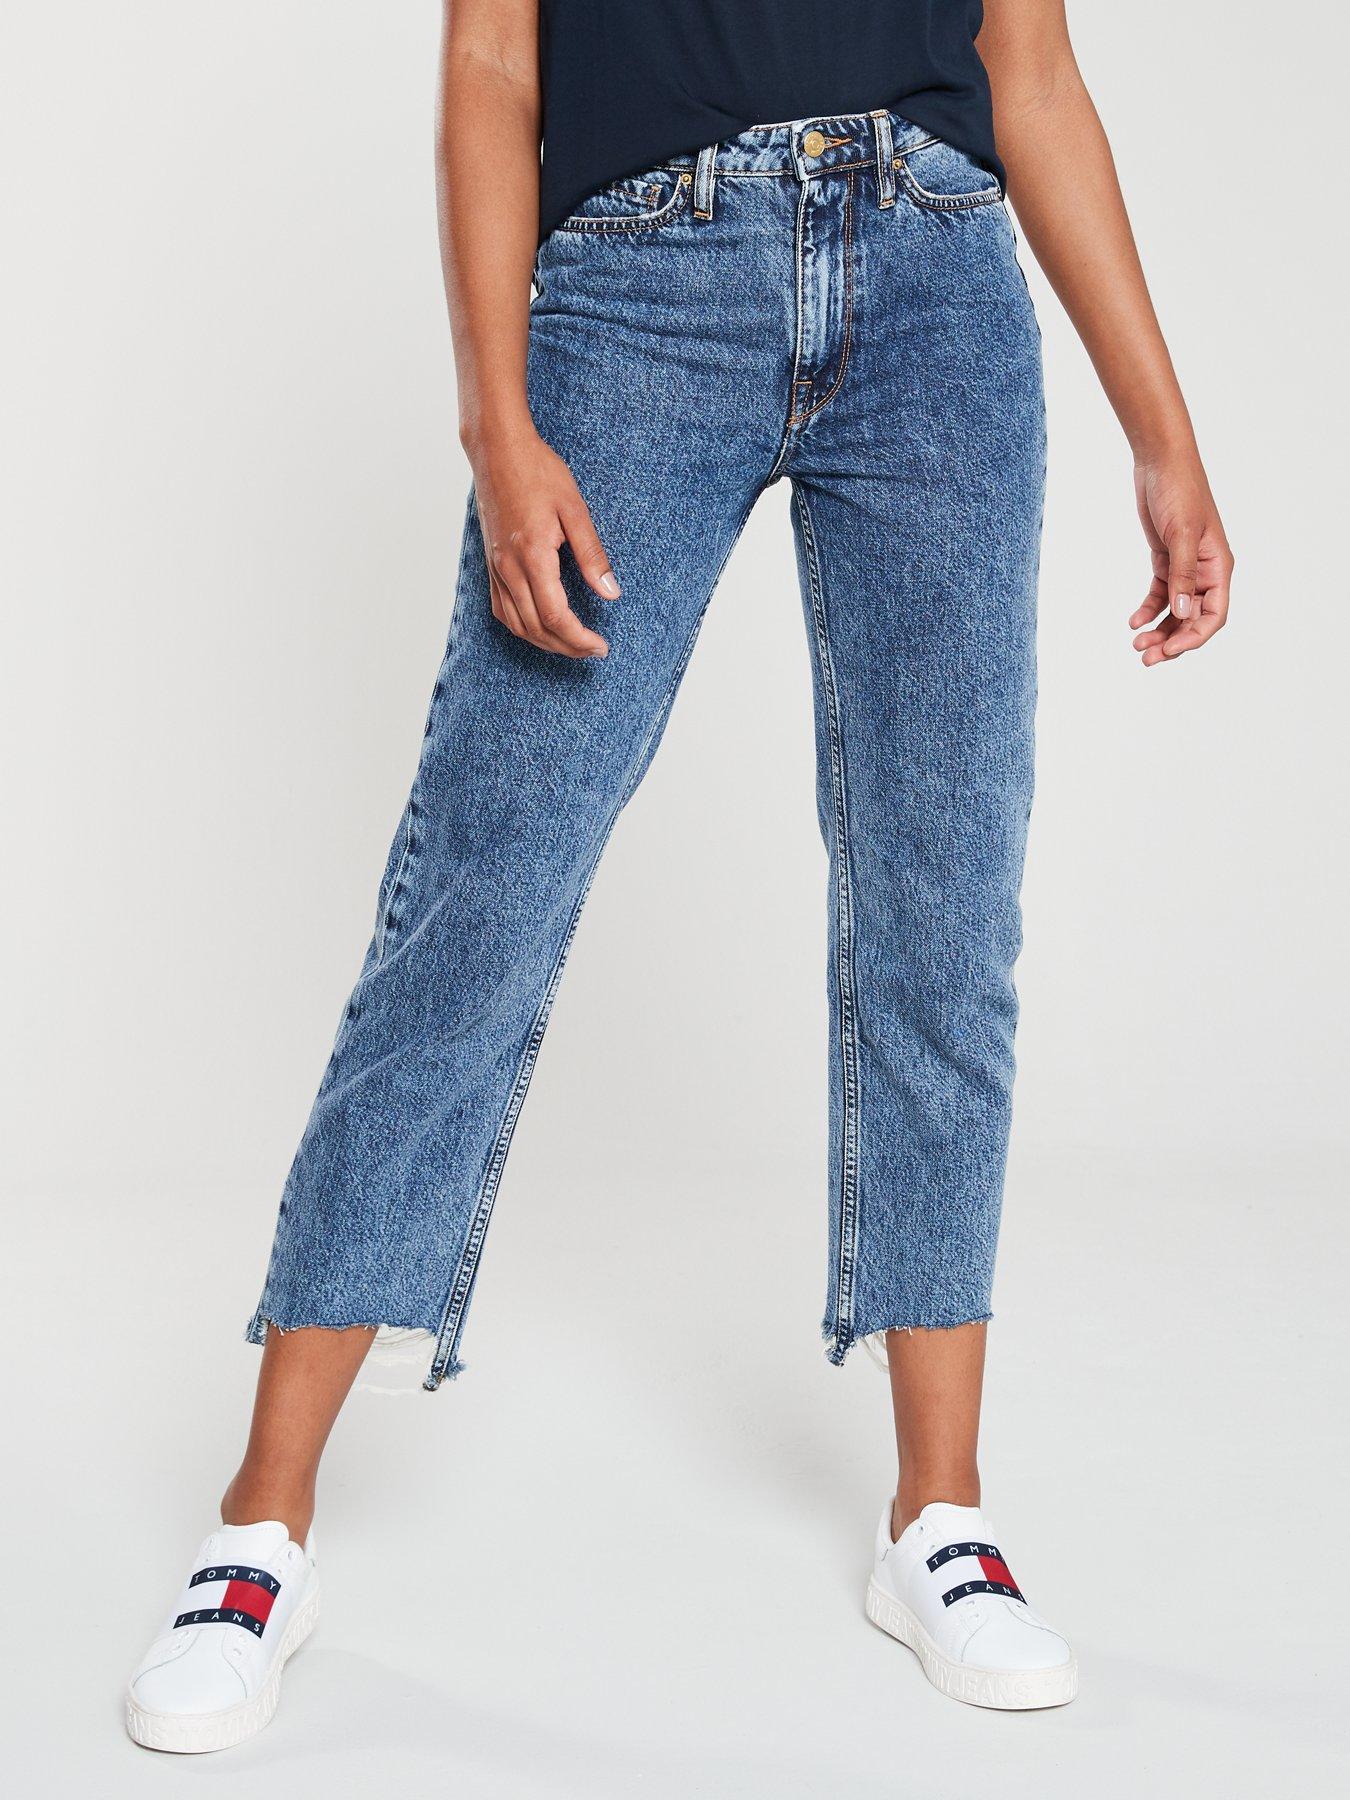 Tommy hilfiger | Jeans | Women | littlewoodsireland.ie